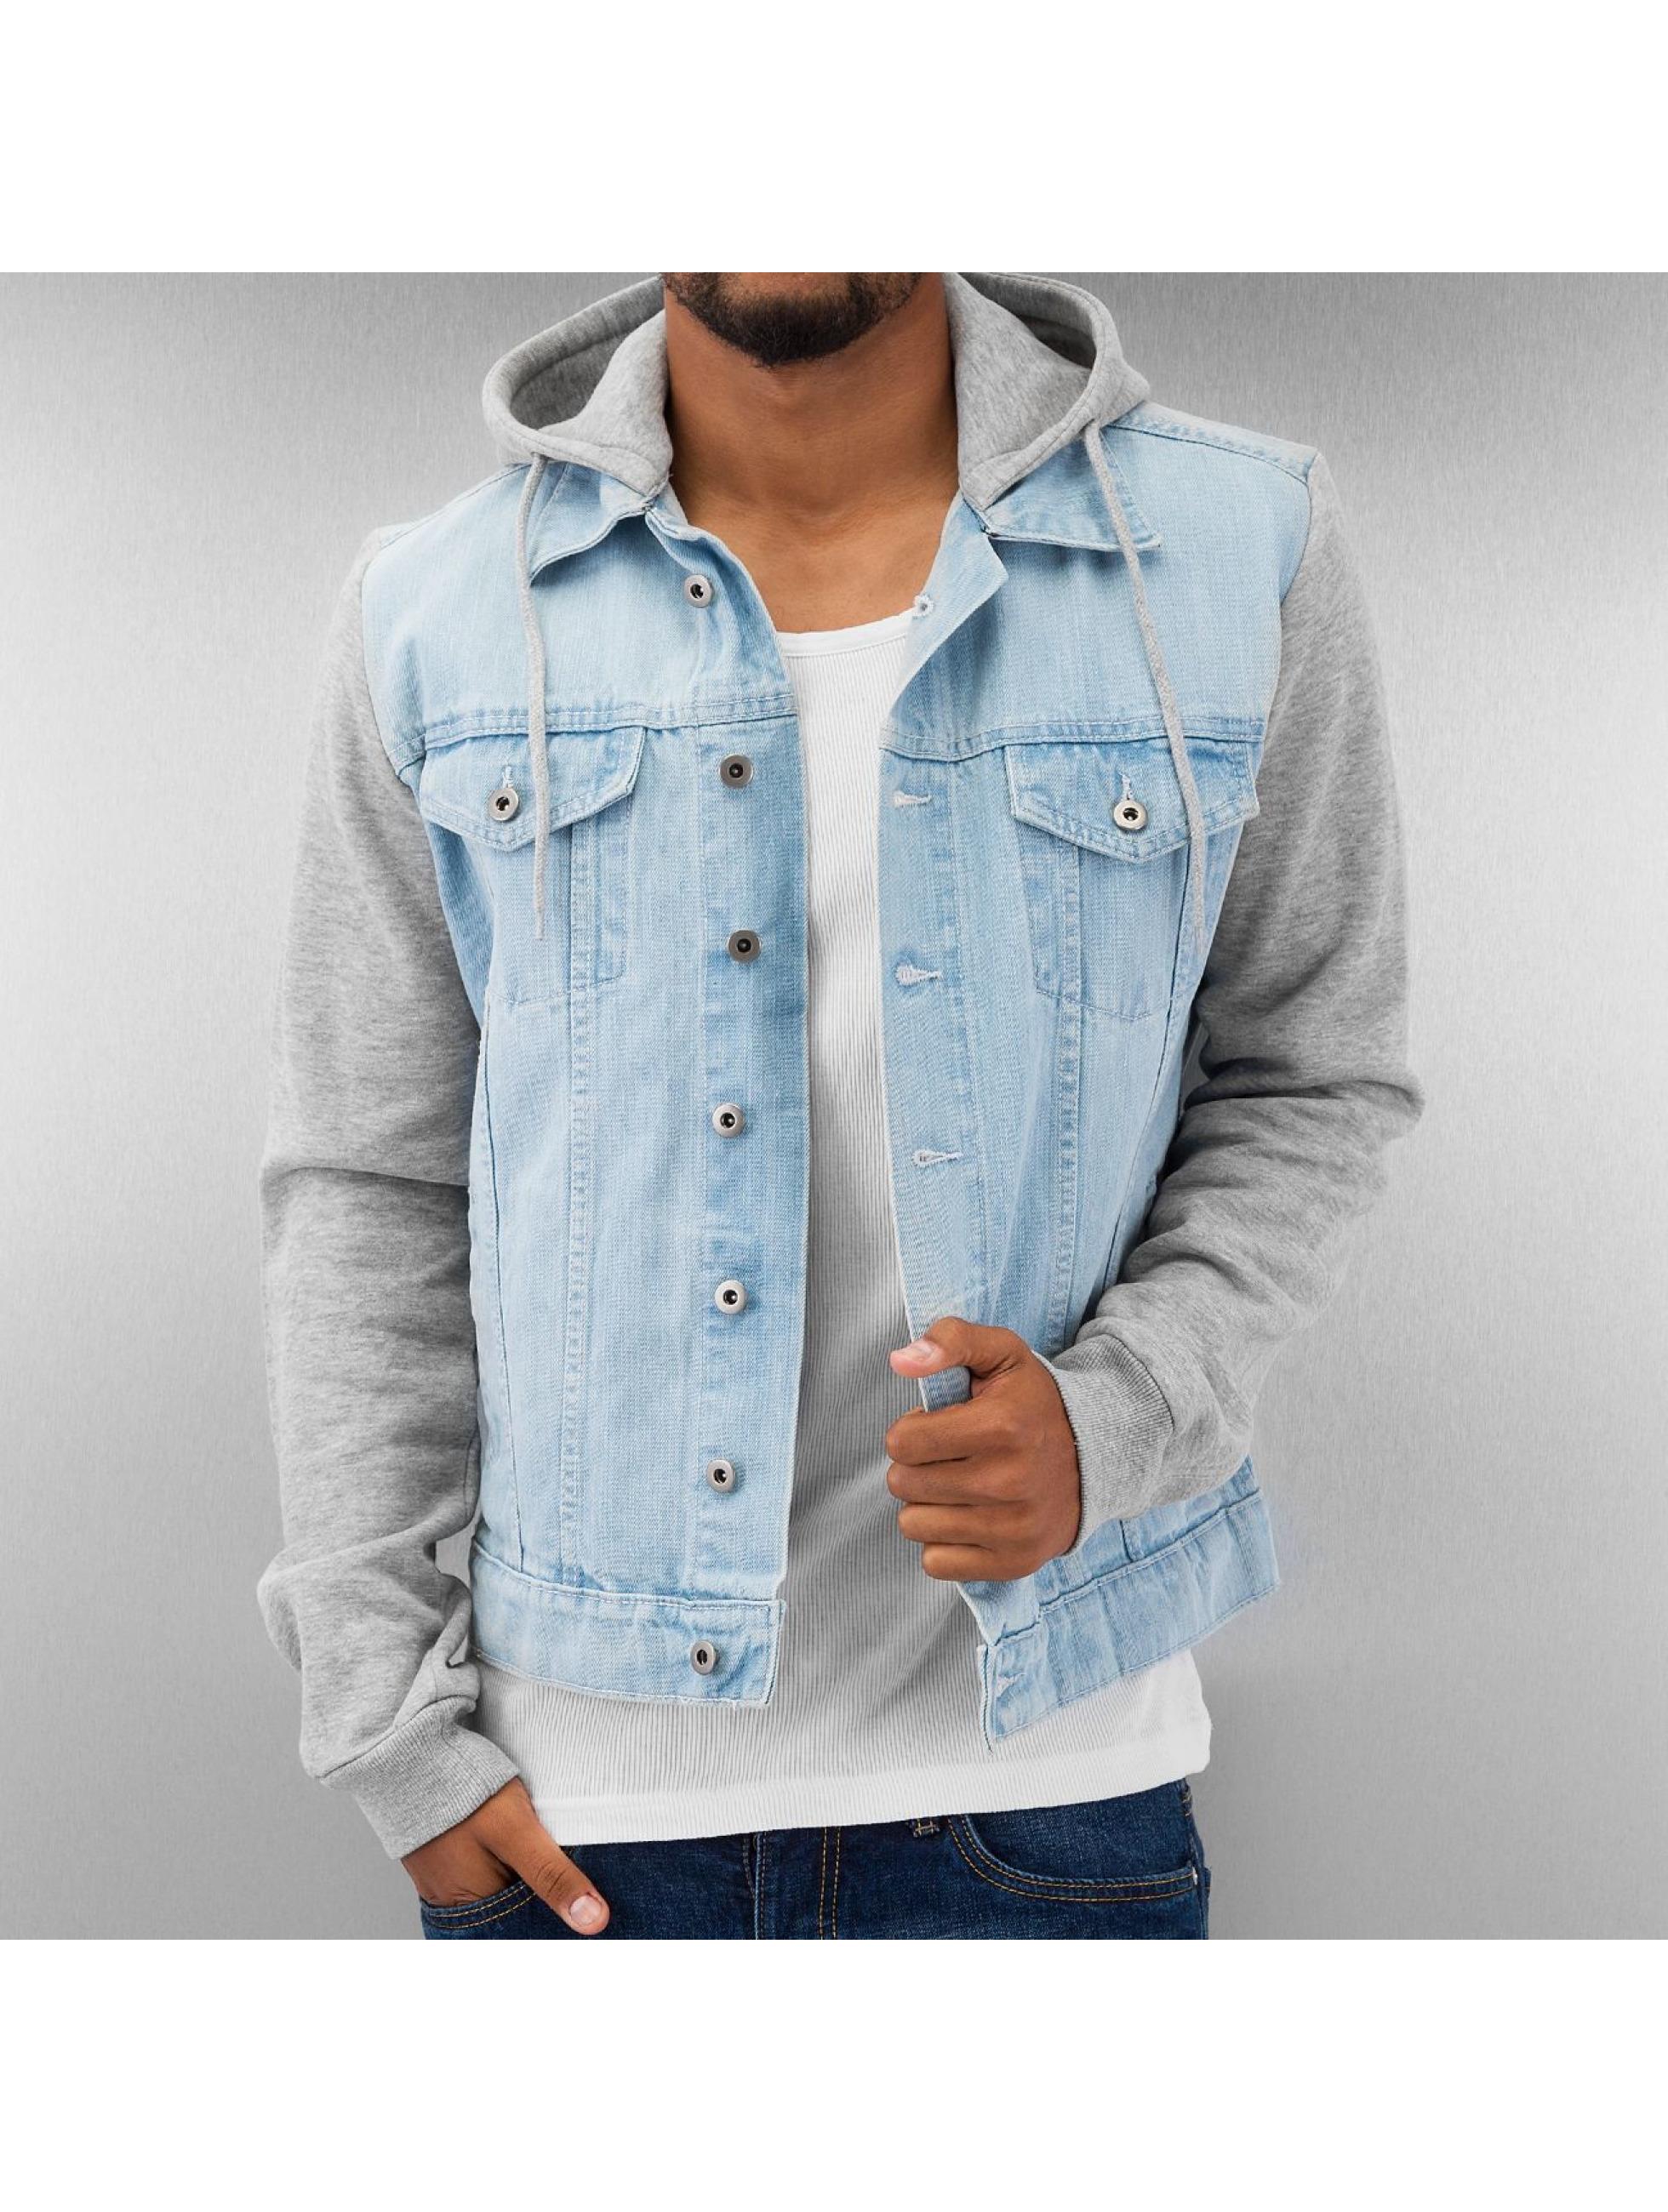 Übergangsjacke Hooded Denim Fleece in blau